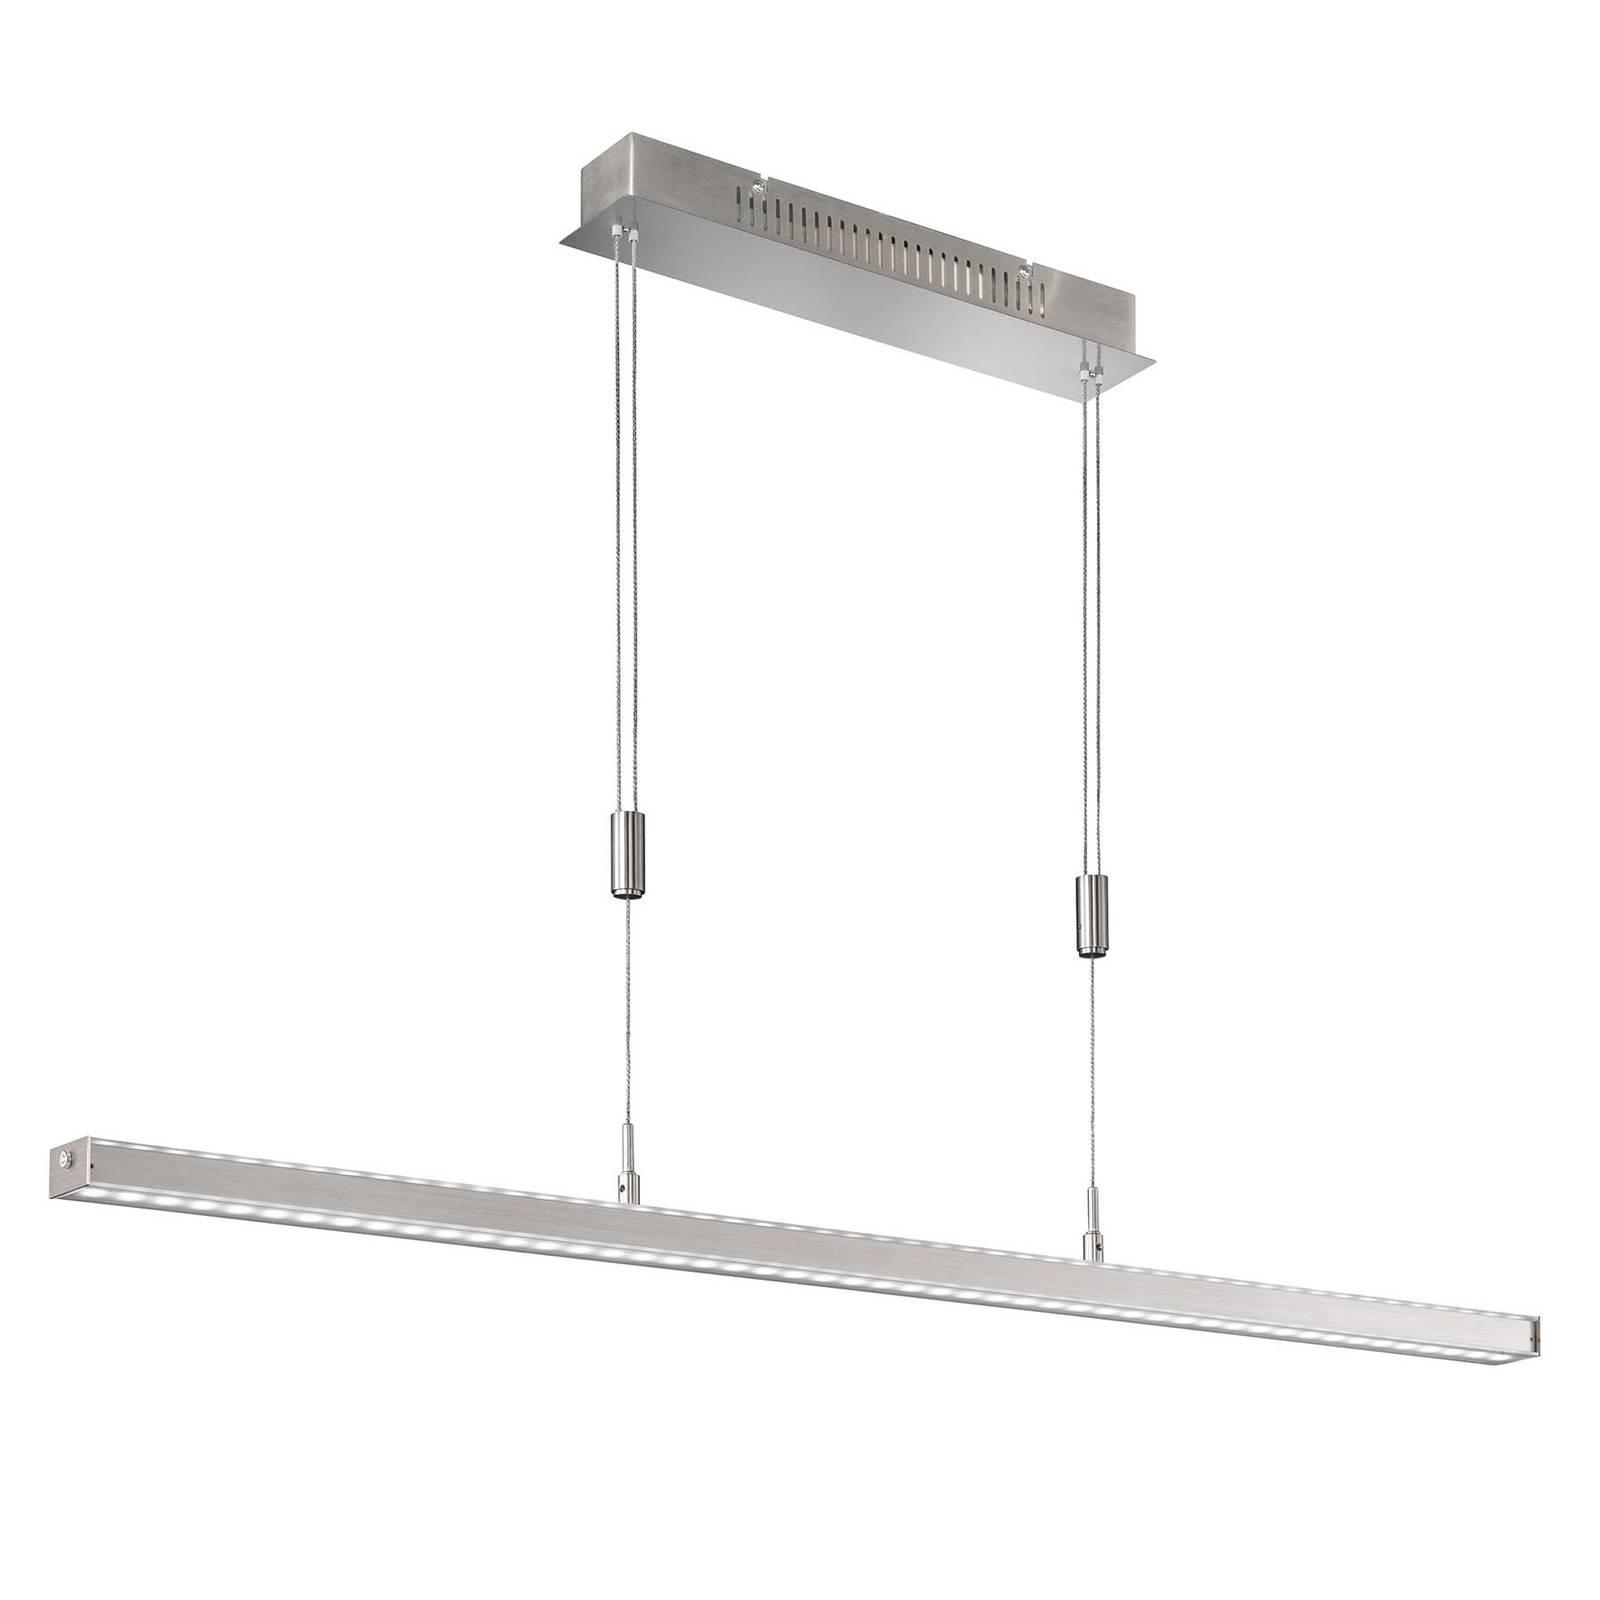 Suspension LED Vitan TW, grise, longueur 150cm